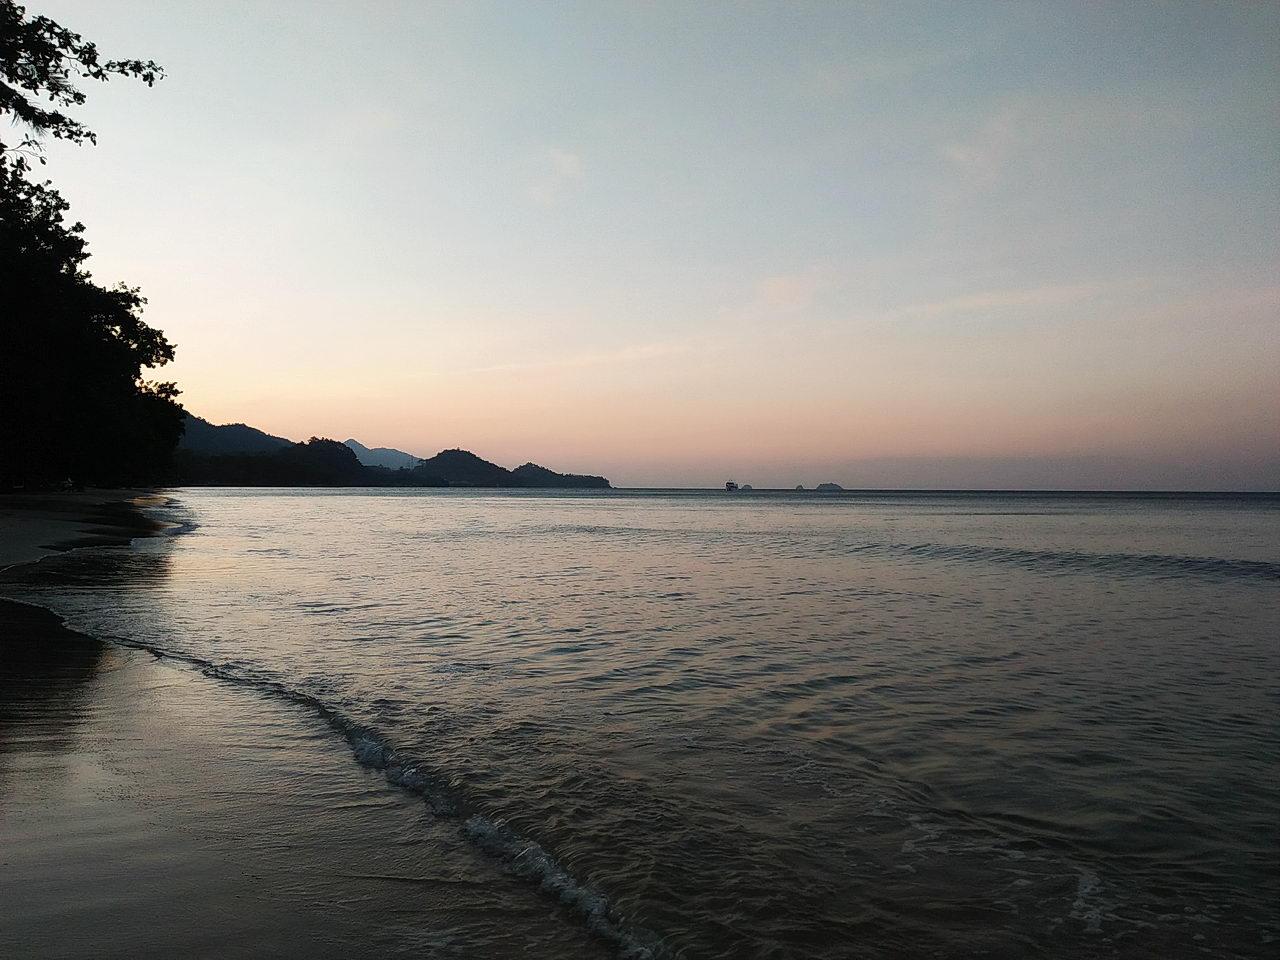 หาดทรายขาว เกาะช้าง จังหวัดตราด